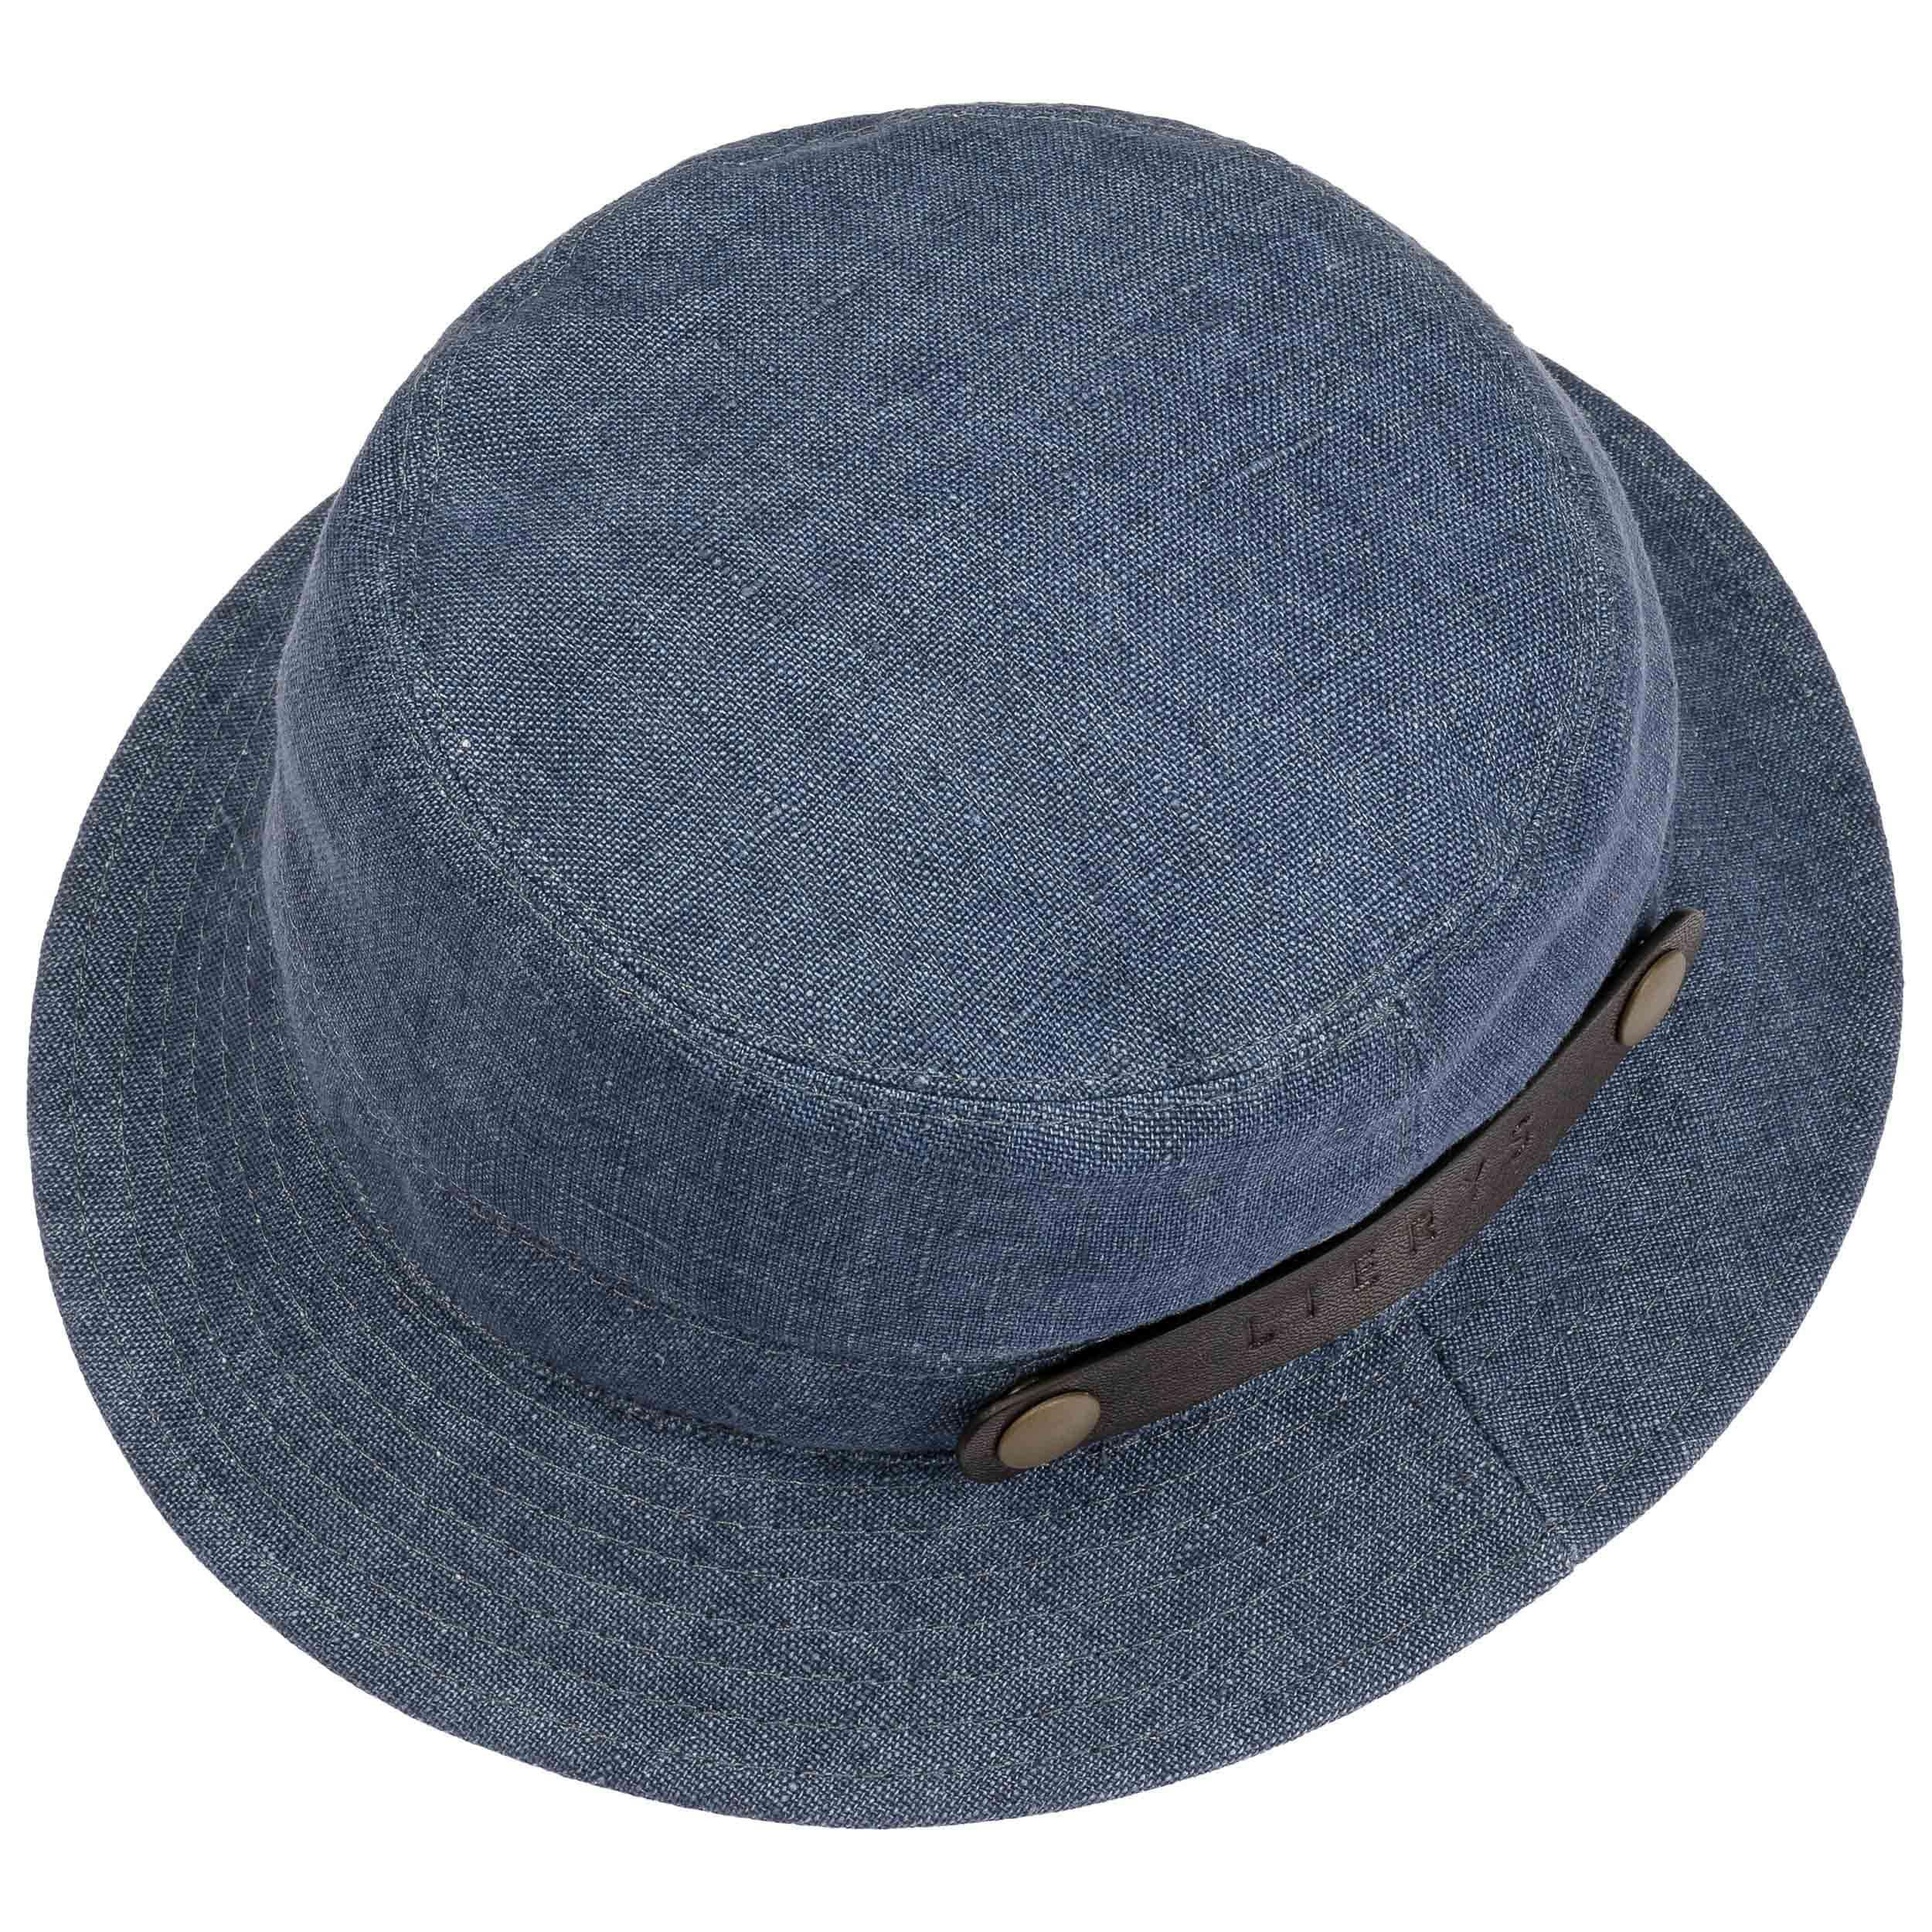 93449da7 ... Linen Fishing Hat by Lierys - denim 1 ...